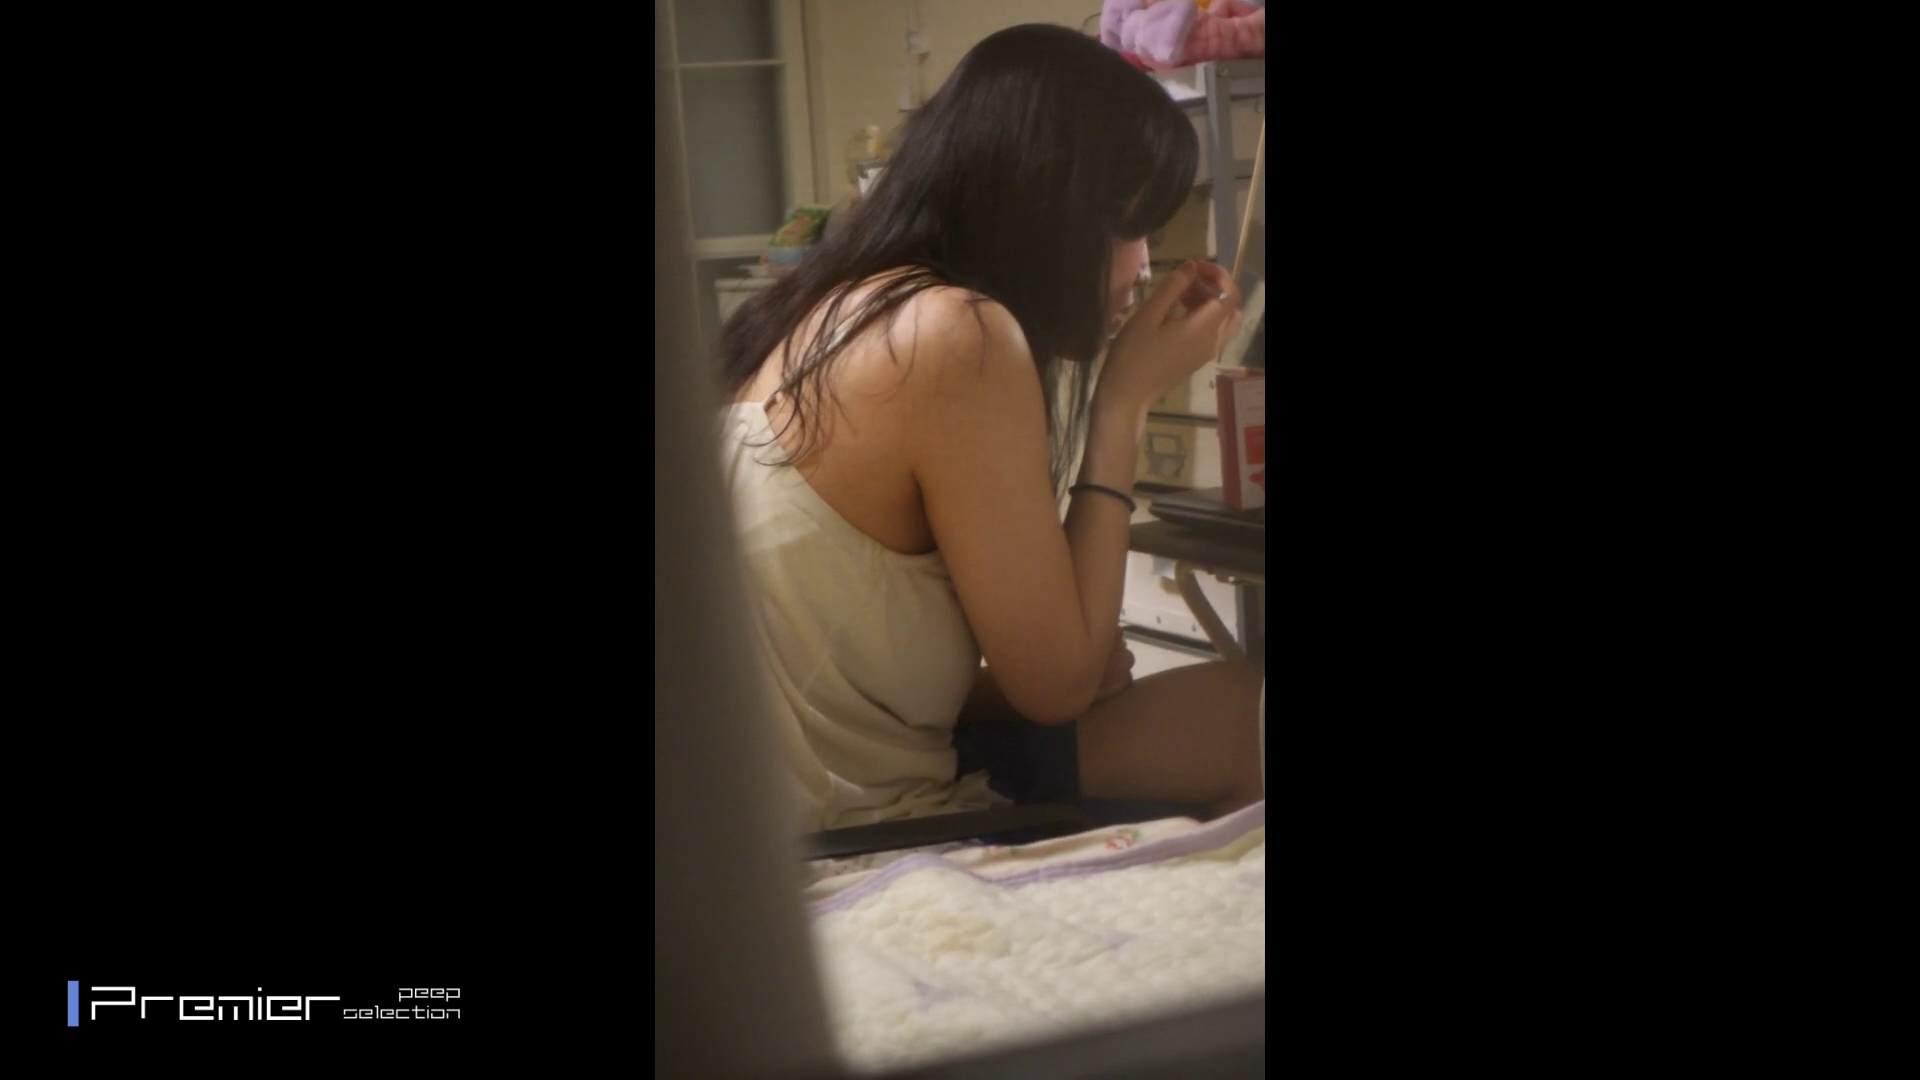 美女たちの日常を観察 美女達の私生活に潜入! 美乳 AV動画キャプチャ 109画像 38